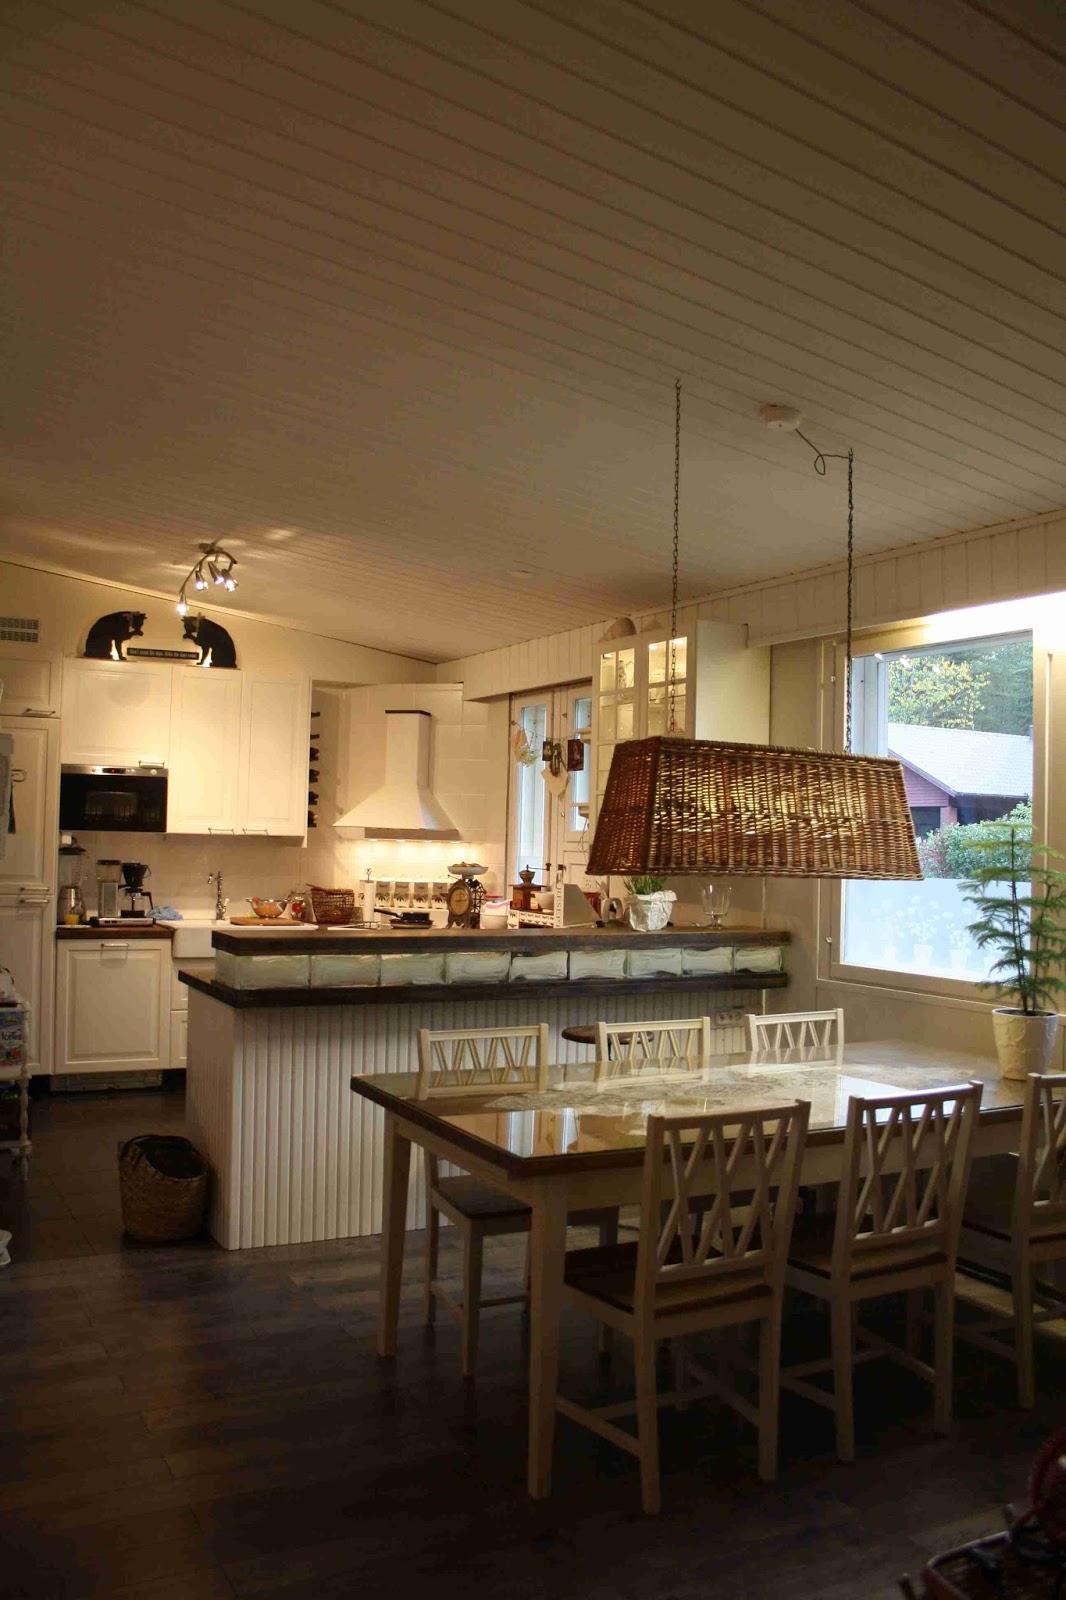 LUMIVALKOISTA Uusi keittiö ja pussukkaostoksia